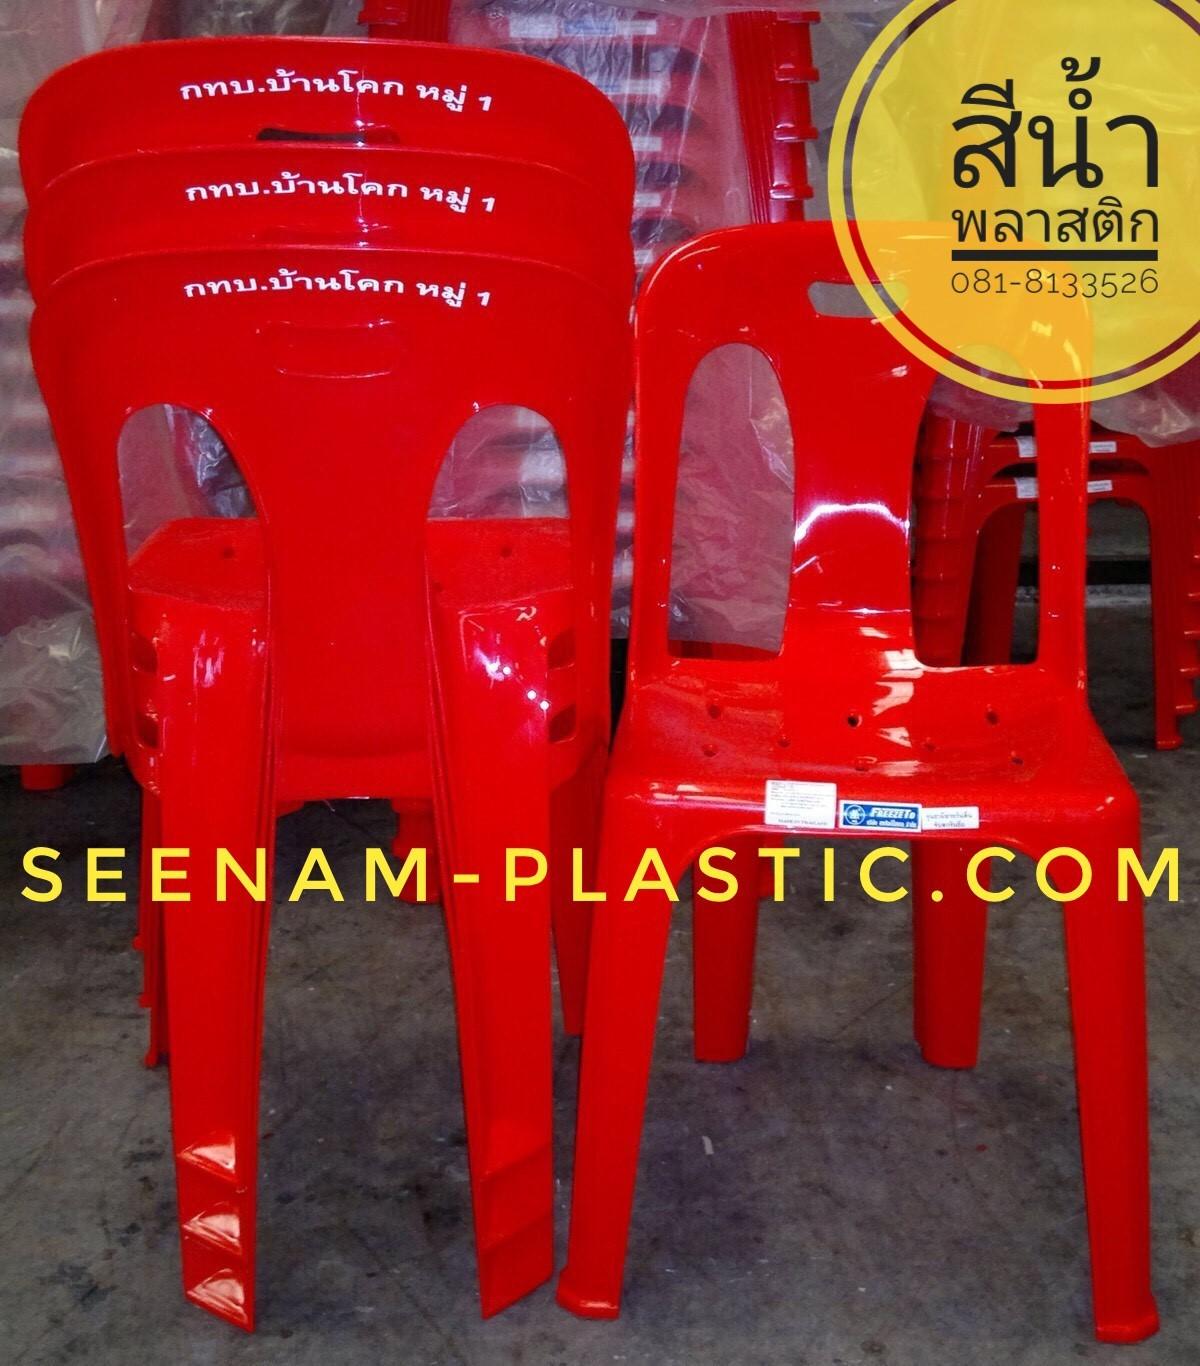 เก้าอี้พลาสติก กองทุนหมู่บ้าน , เก้าอี้พลาสติก ถวายวัด , เก้าอี้พลาสติก งบประชารัฐ